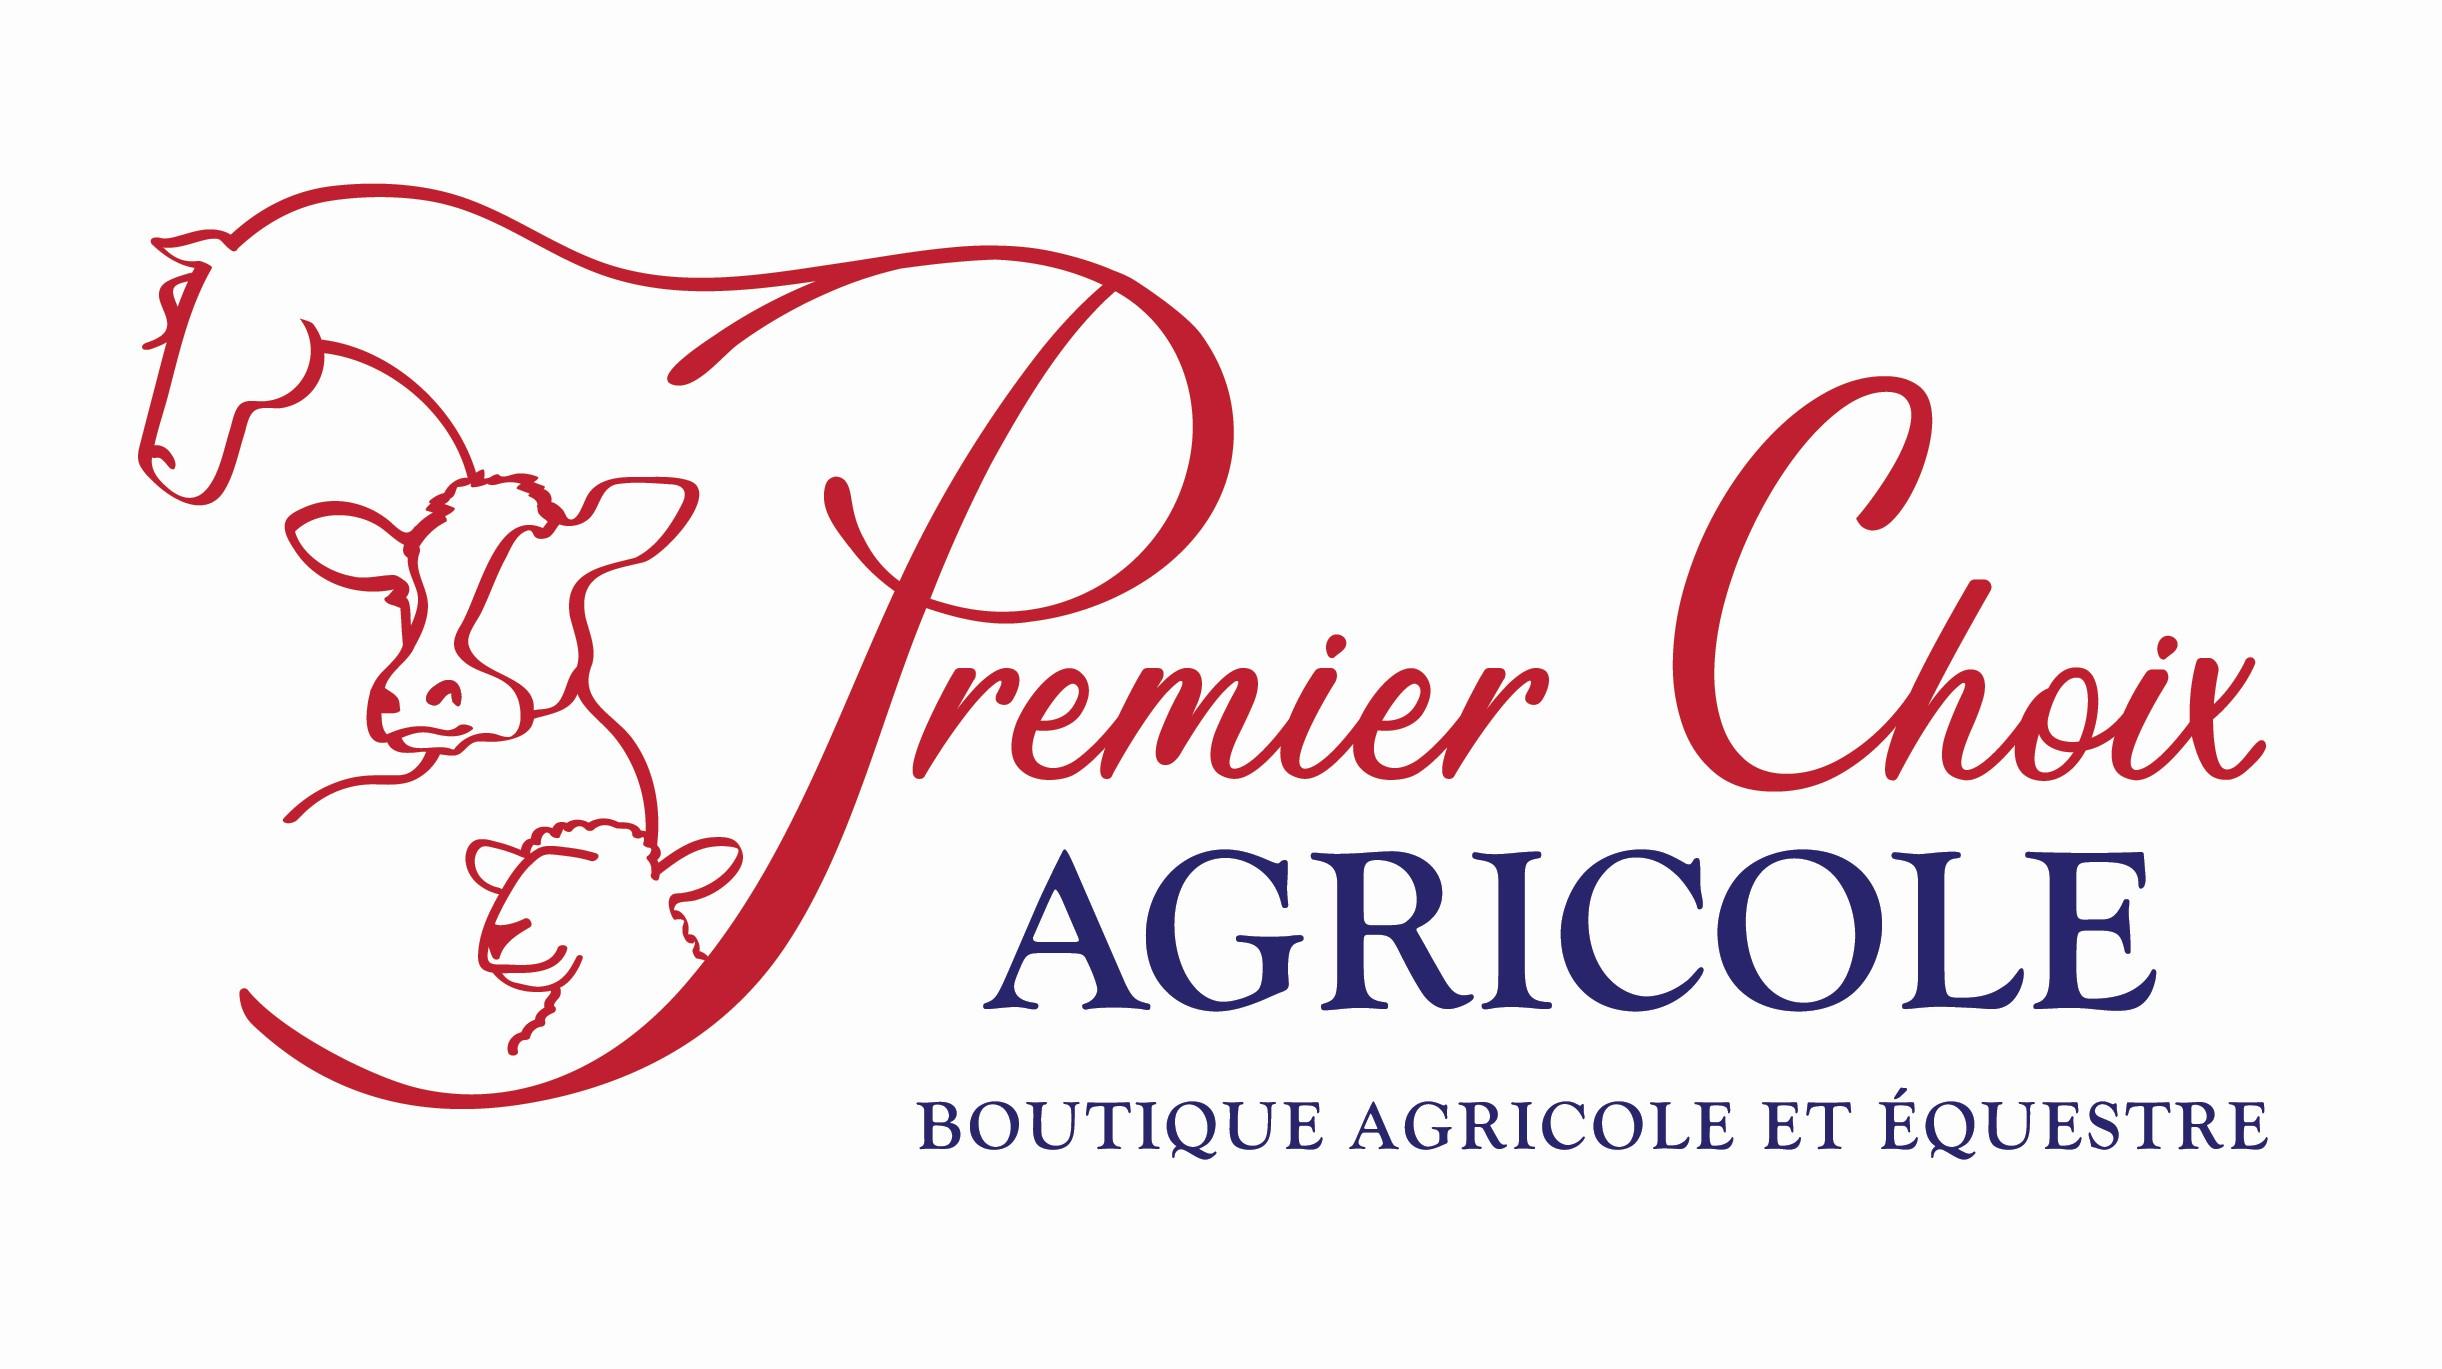 Premier Choix Agricole